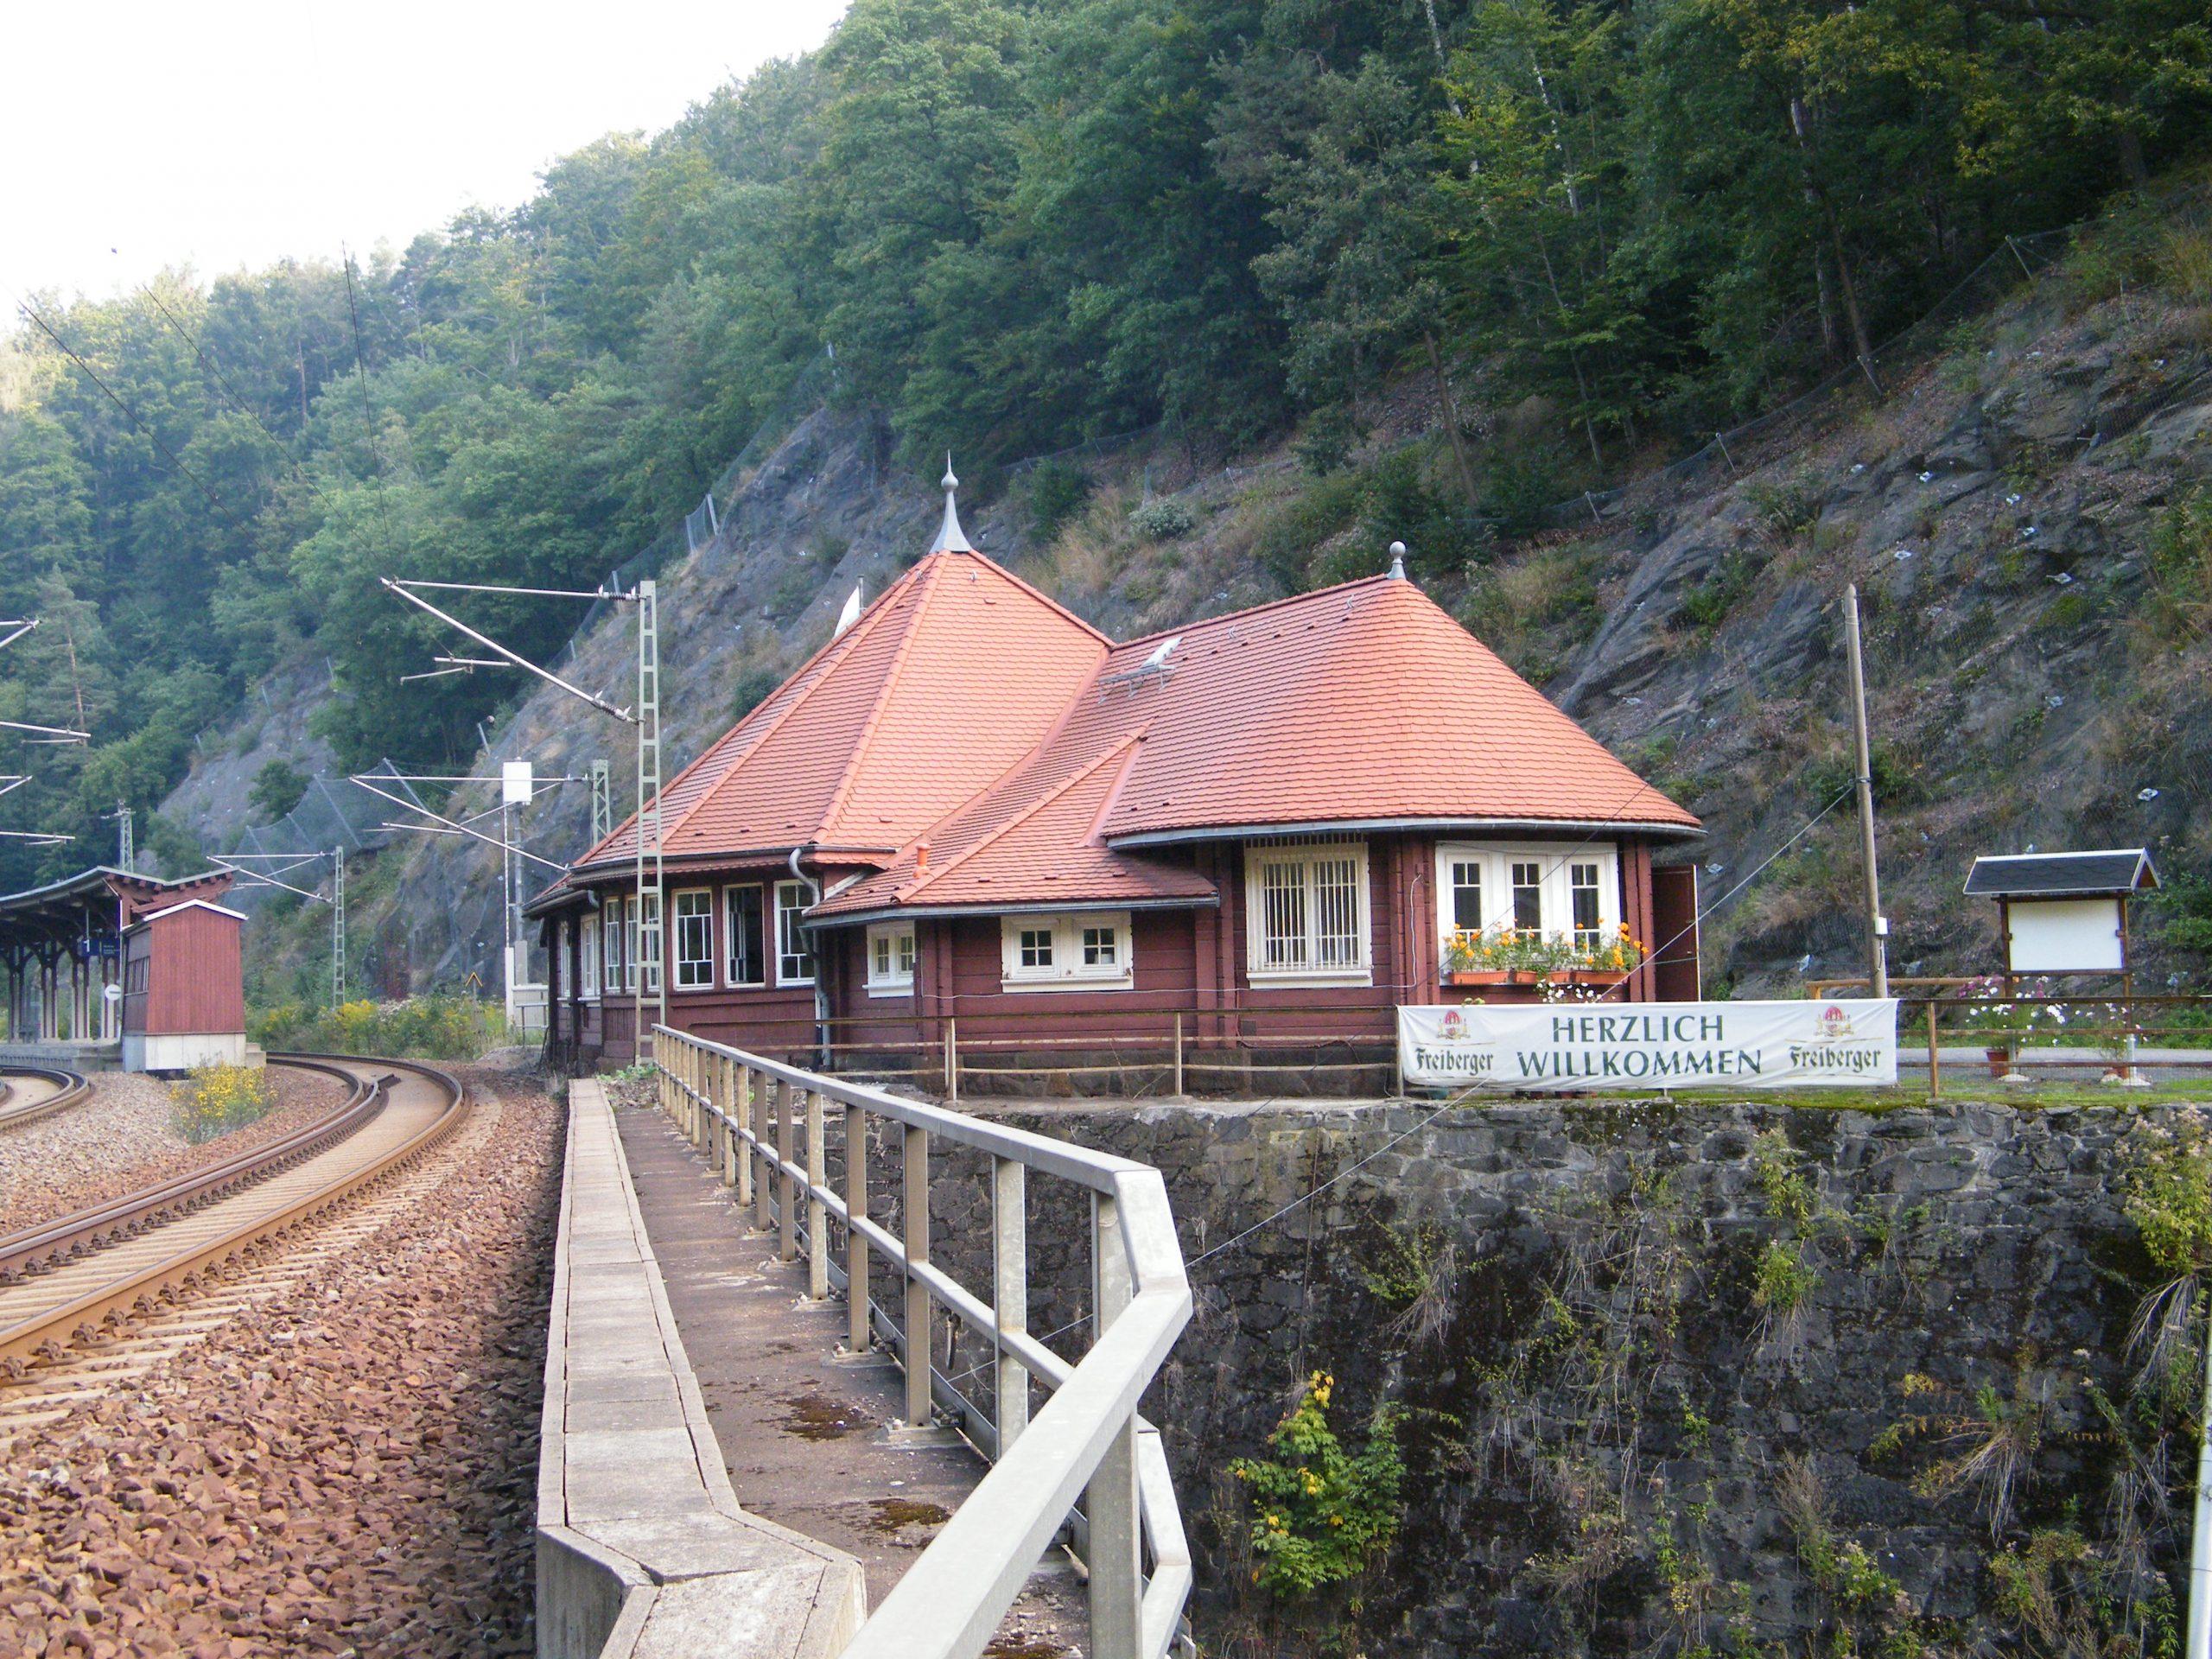 Blick auf das Bahnhofsgebäude von der Brücke aus gesehen